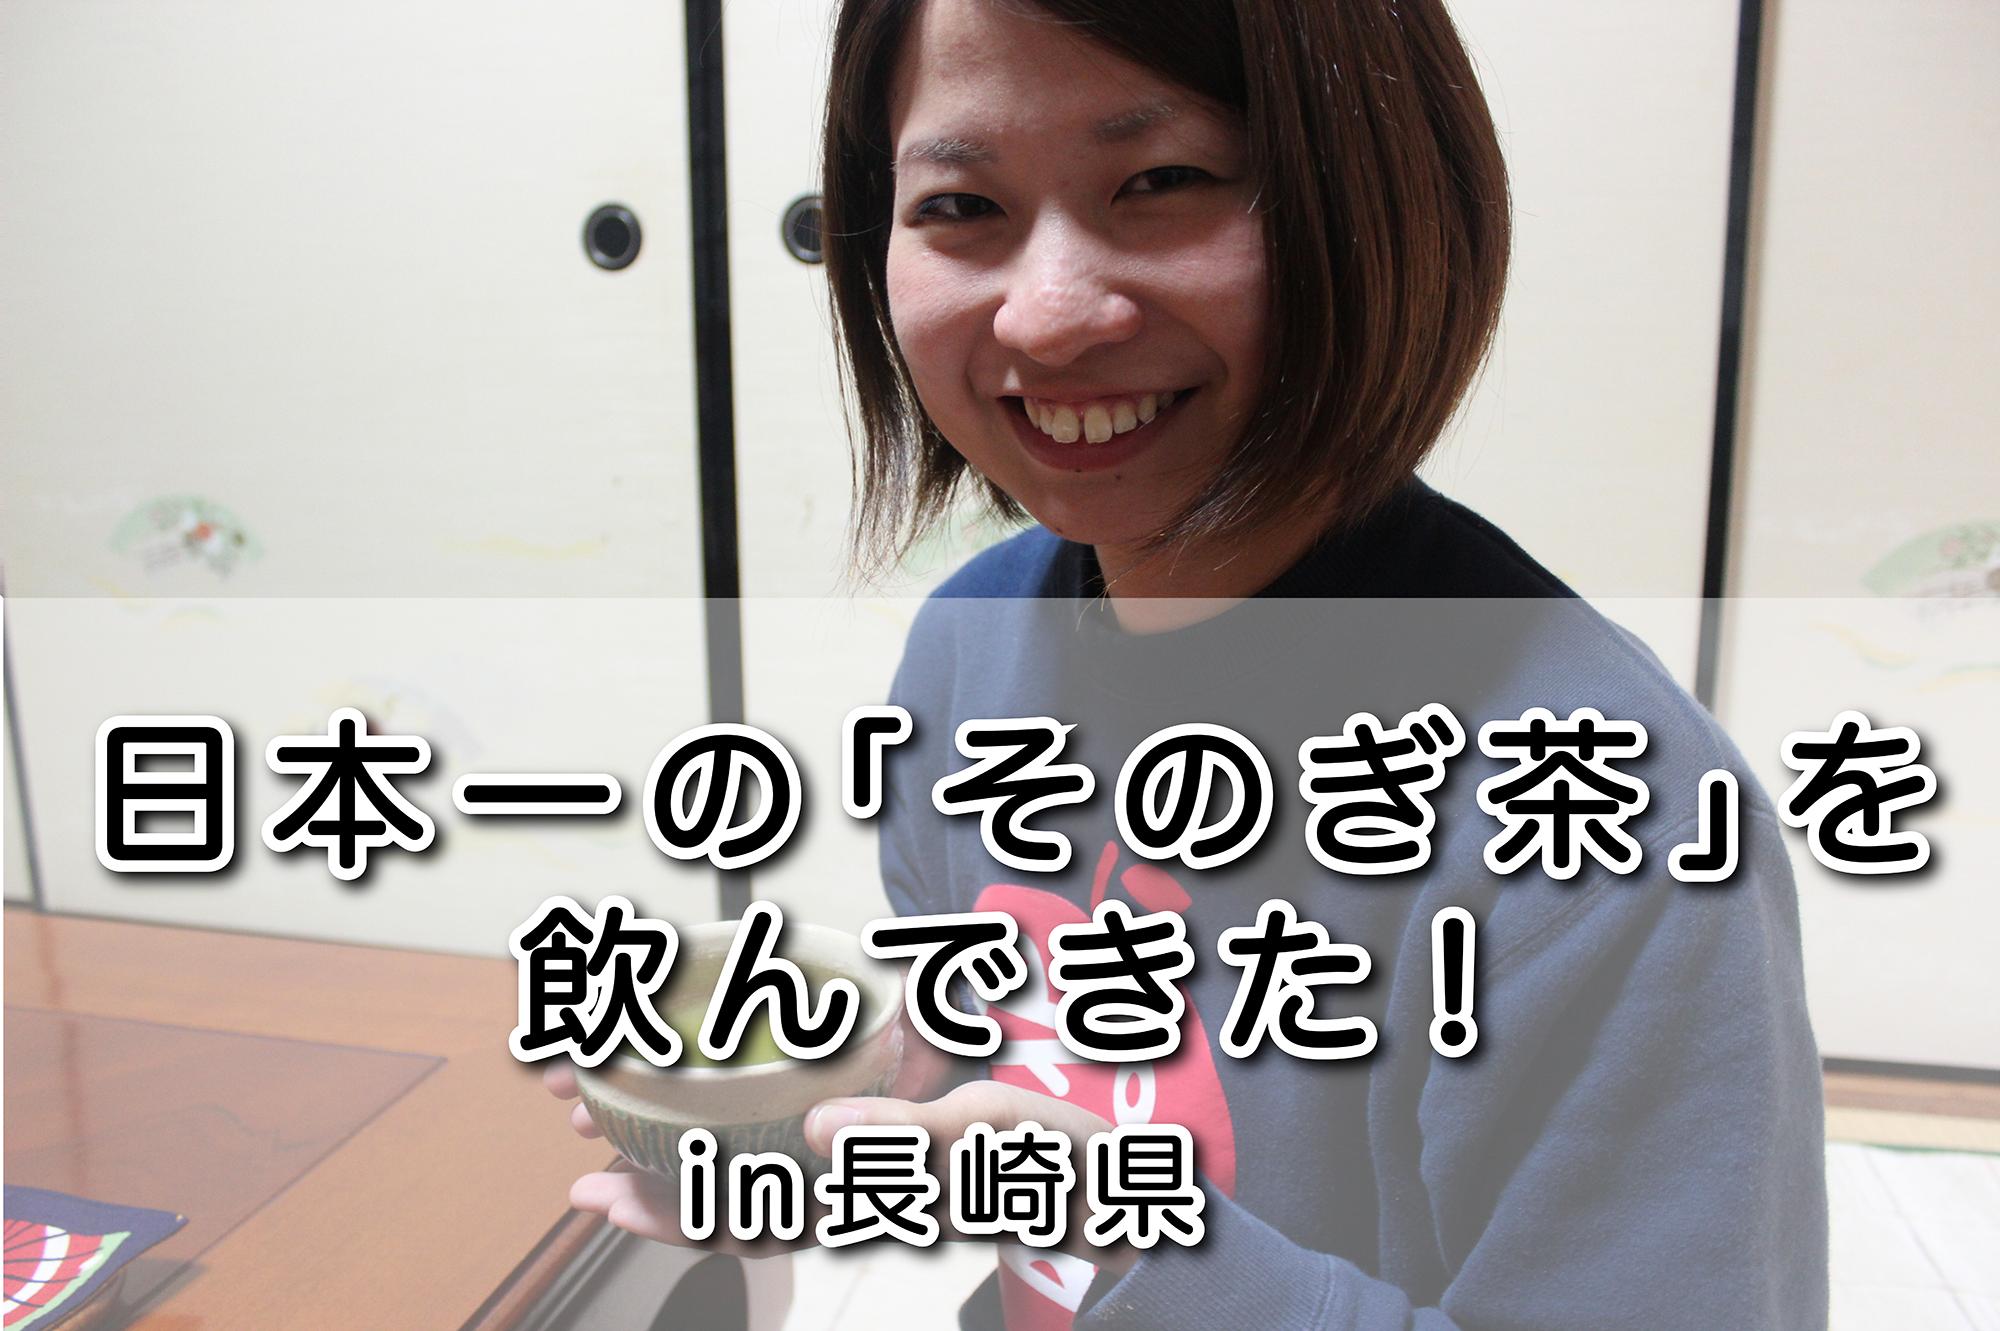 日本一のそのぎ茶を飲んできた|日本一周農家旅 しんごさんお茶畑&ハウス in 長崎県彼杵